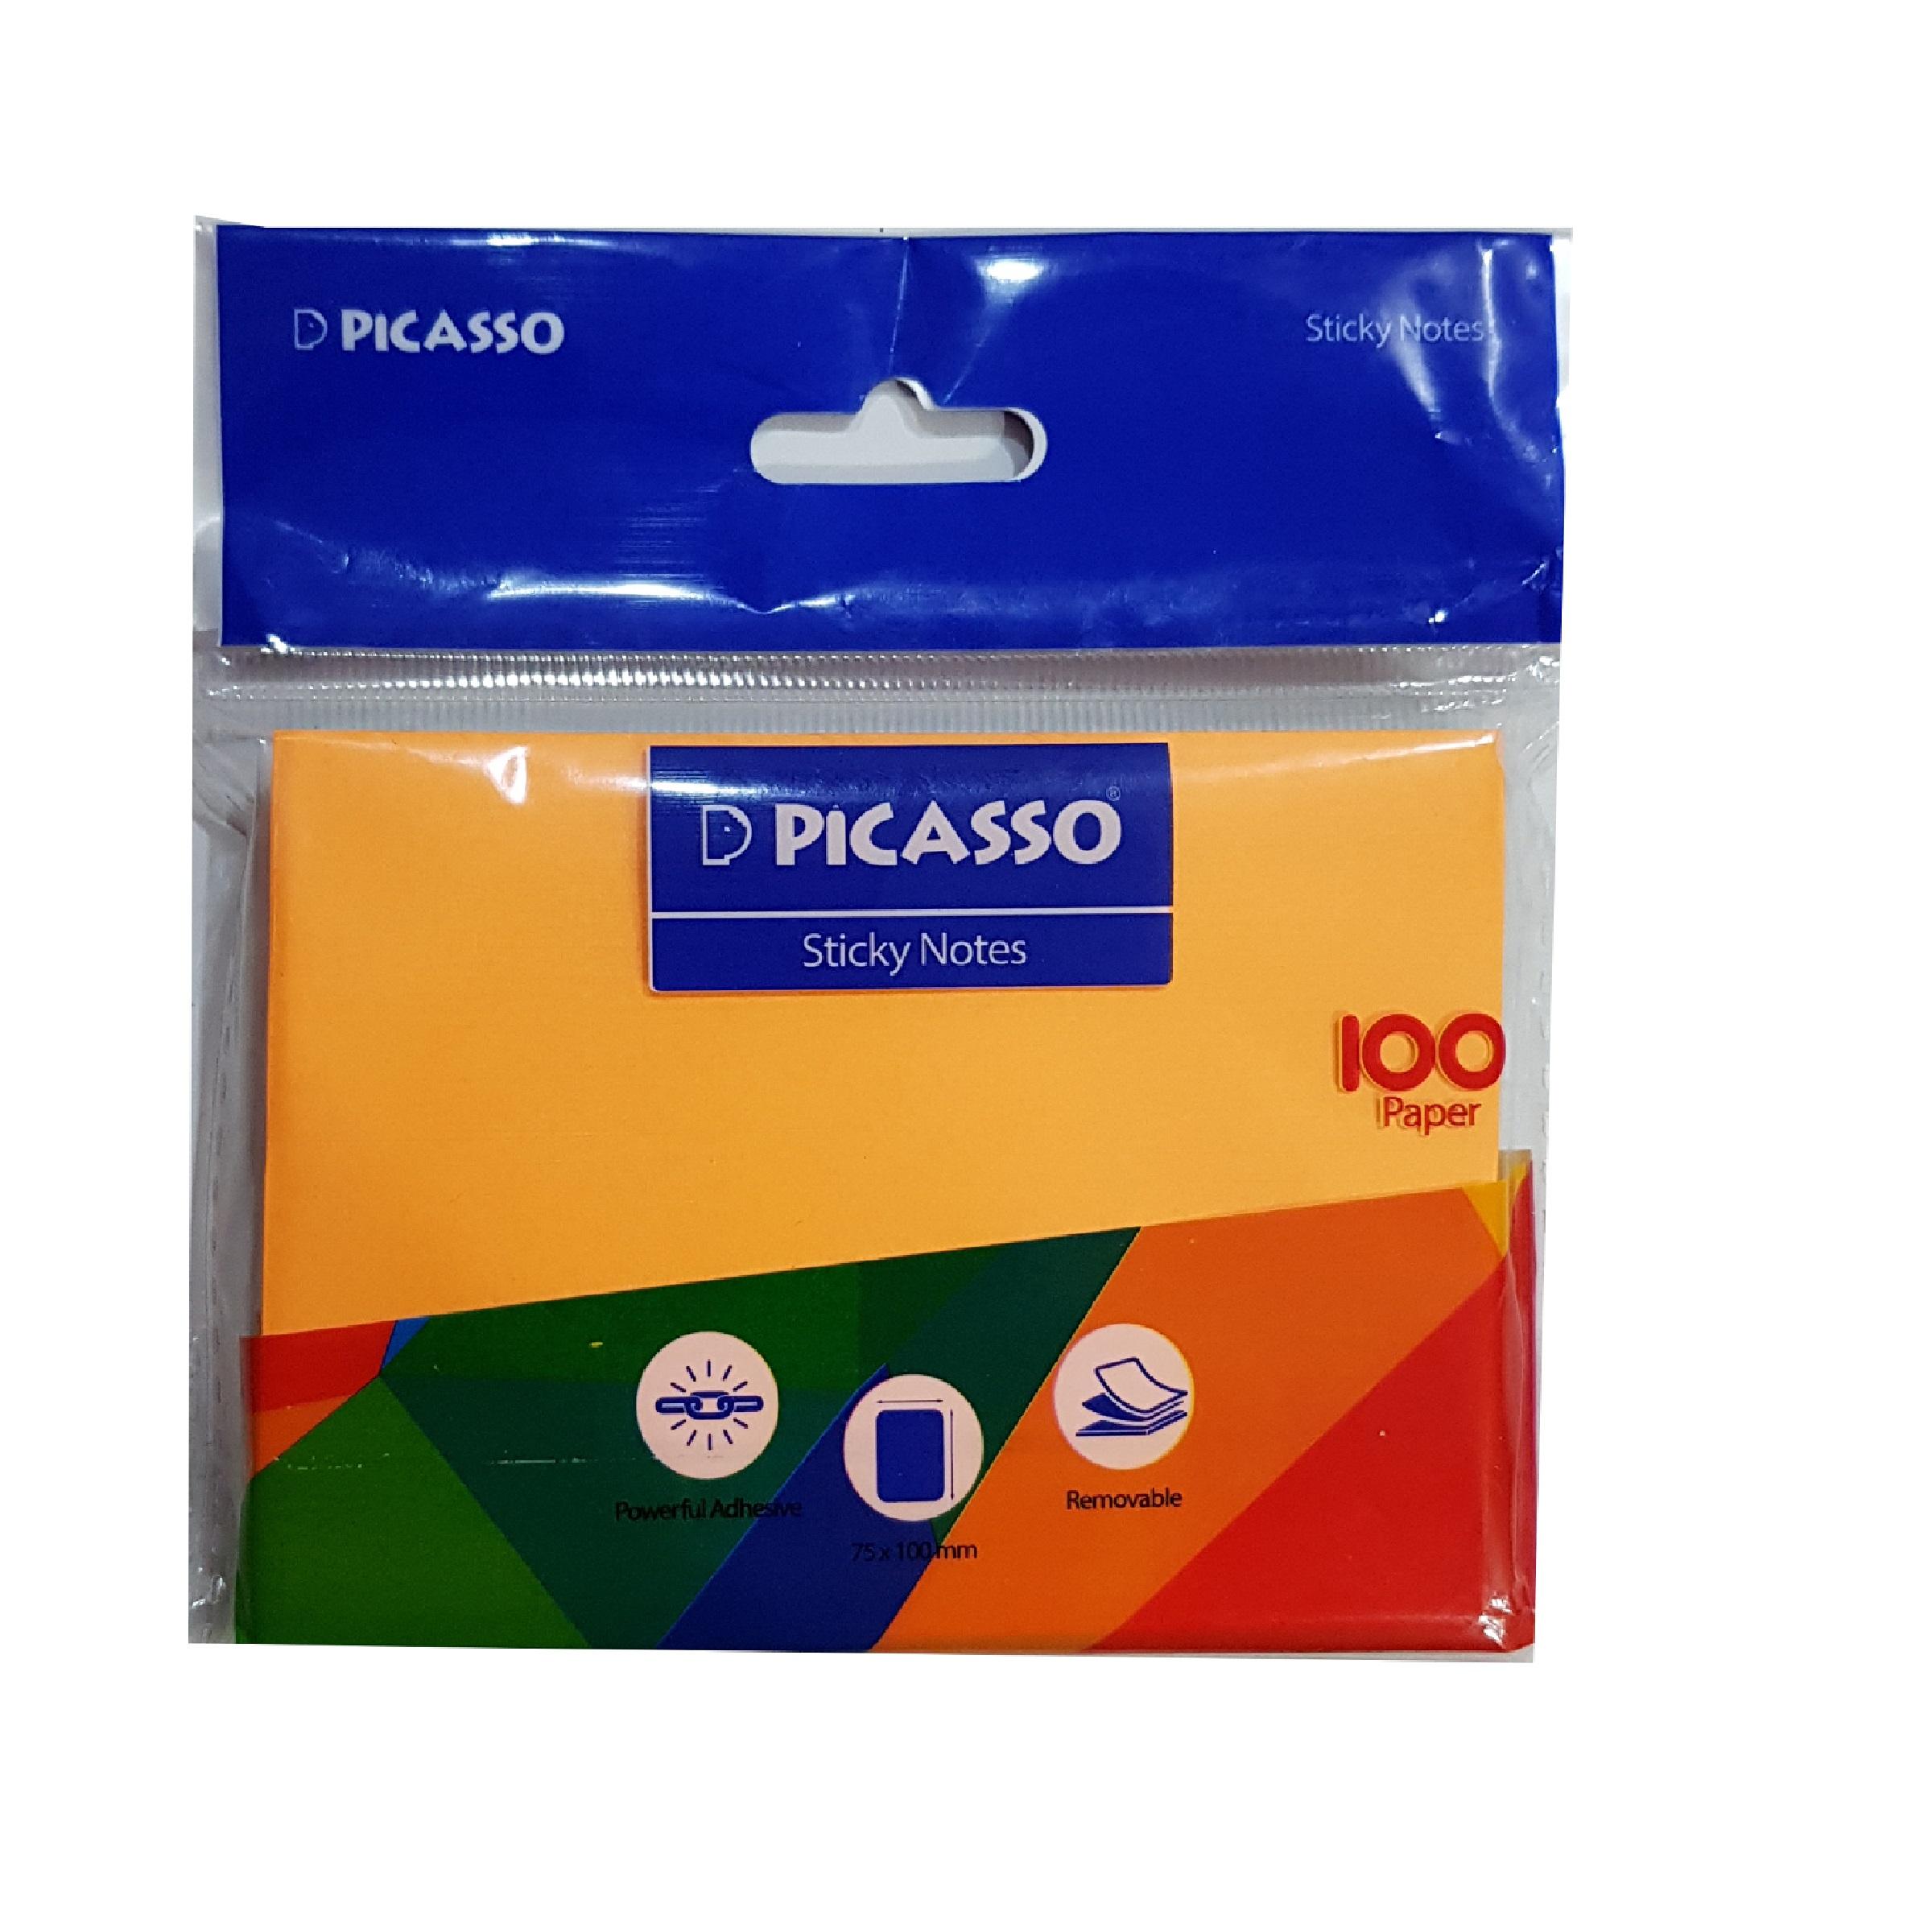 کاغذ یادداشت چسب دار پیکاسو مدل PIC  main 1 3